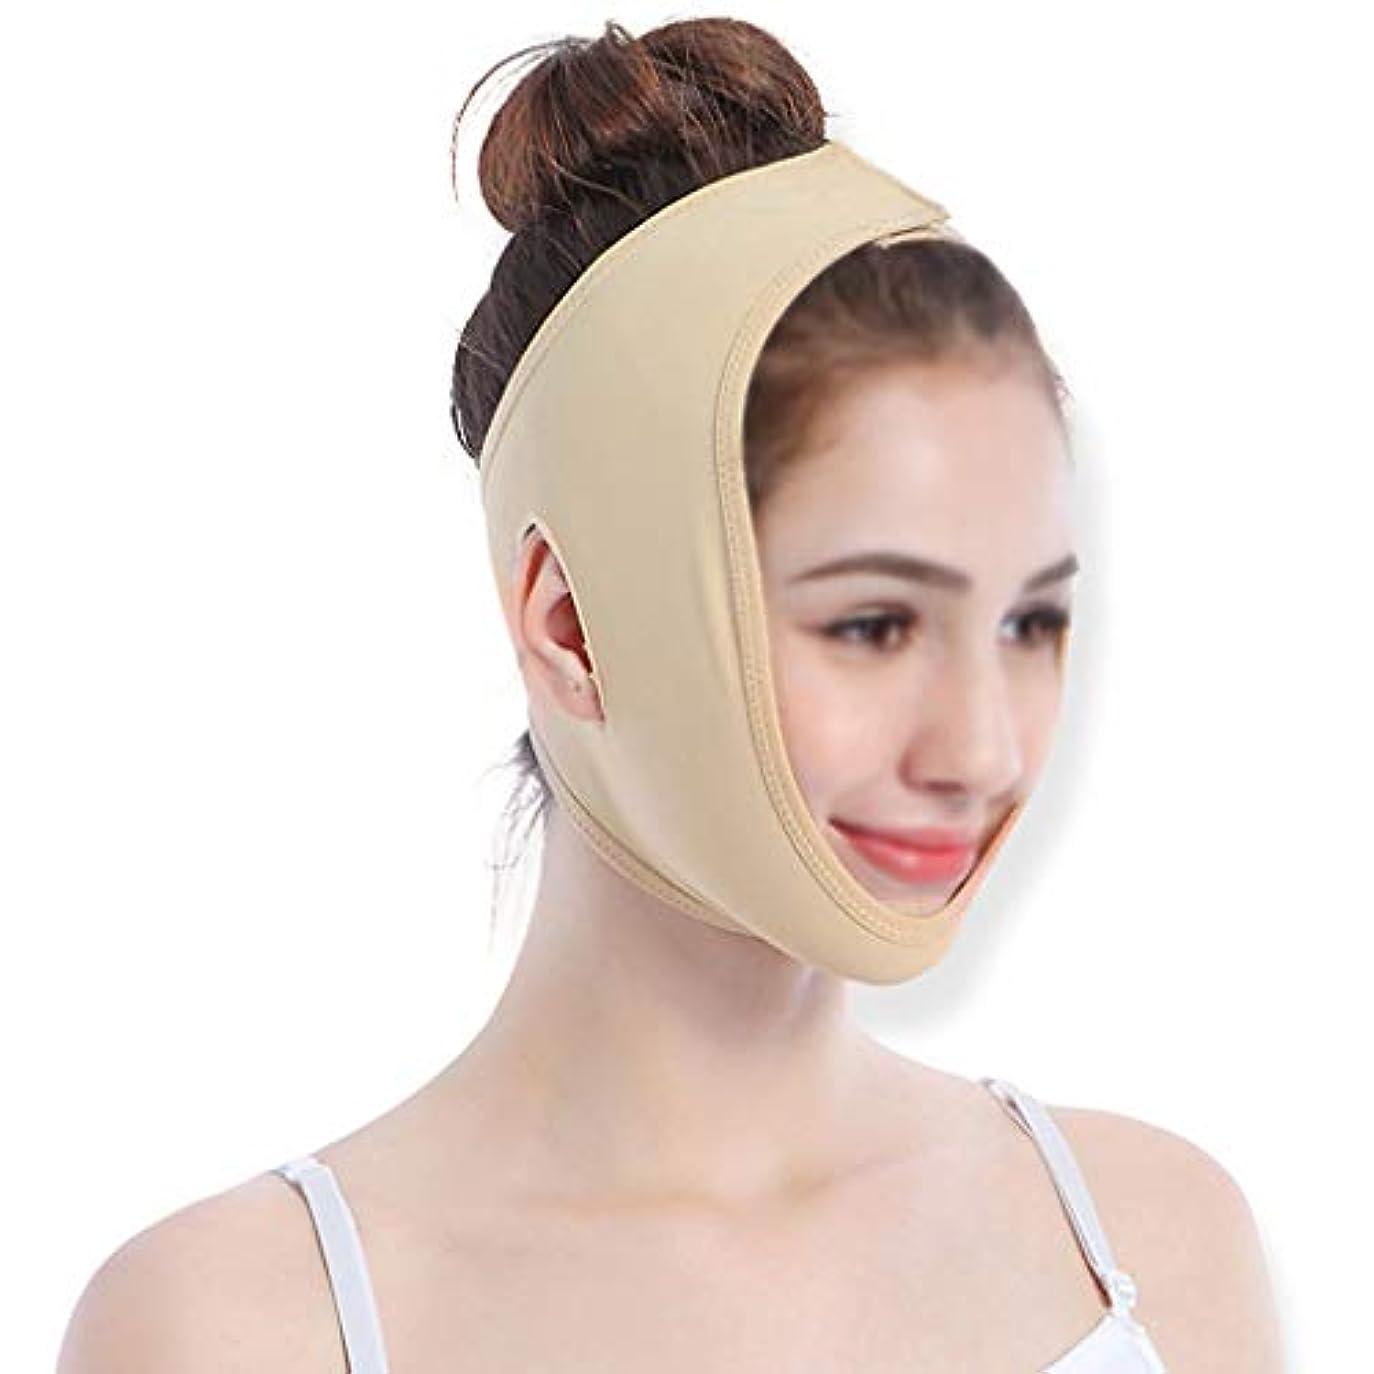 隠されたベルト魅力的であることへのアピールGLJJQMY スリムな包帯V顔の顔のアーティファクトは、女性と女性のための繊細な顔のしわ防止フェイシャルツールを向上させます 顔用整形マスク (Size : M)